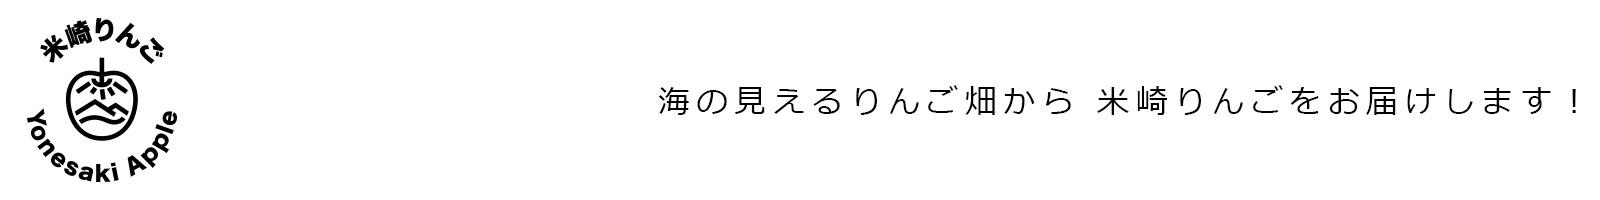 陸前高田育ちの米崎りんご|NPO法人LAMP